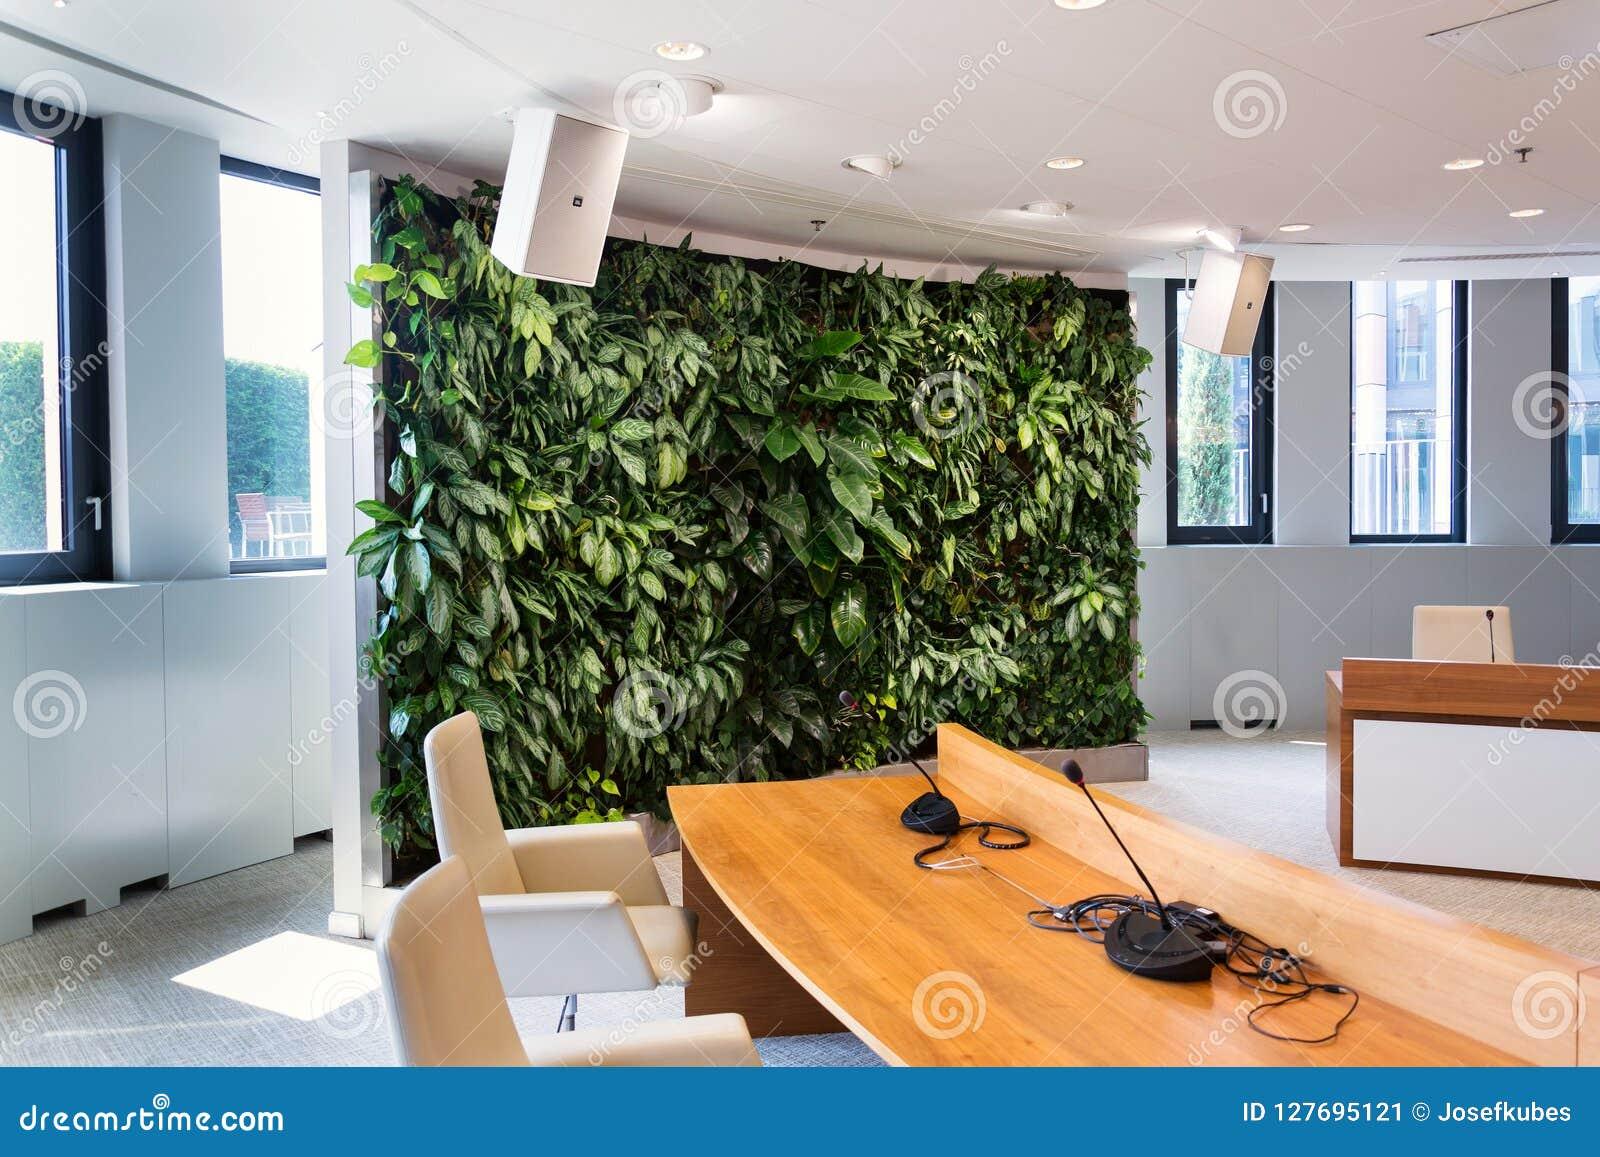 Bosatt grön vägg, lodlinjeträdgård inomhus med blommor och växter under konstgjord belysning i mötestyrelse